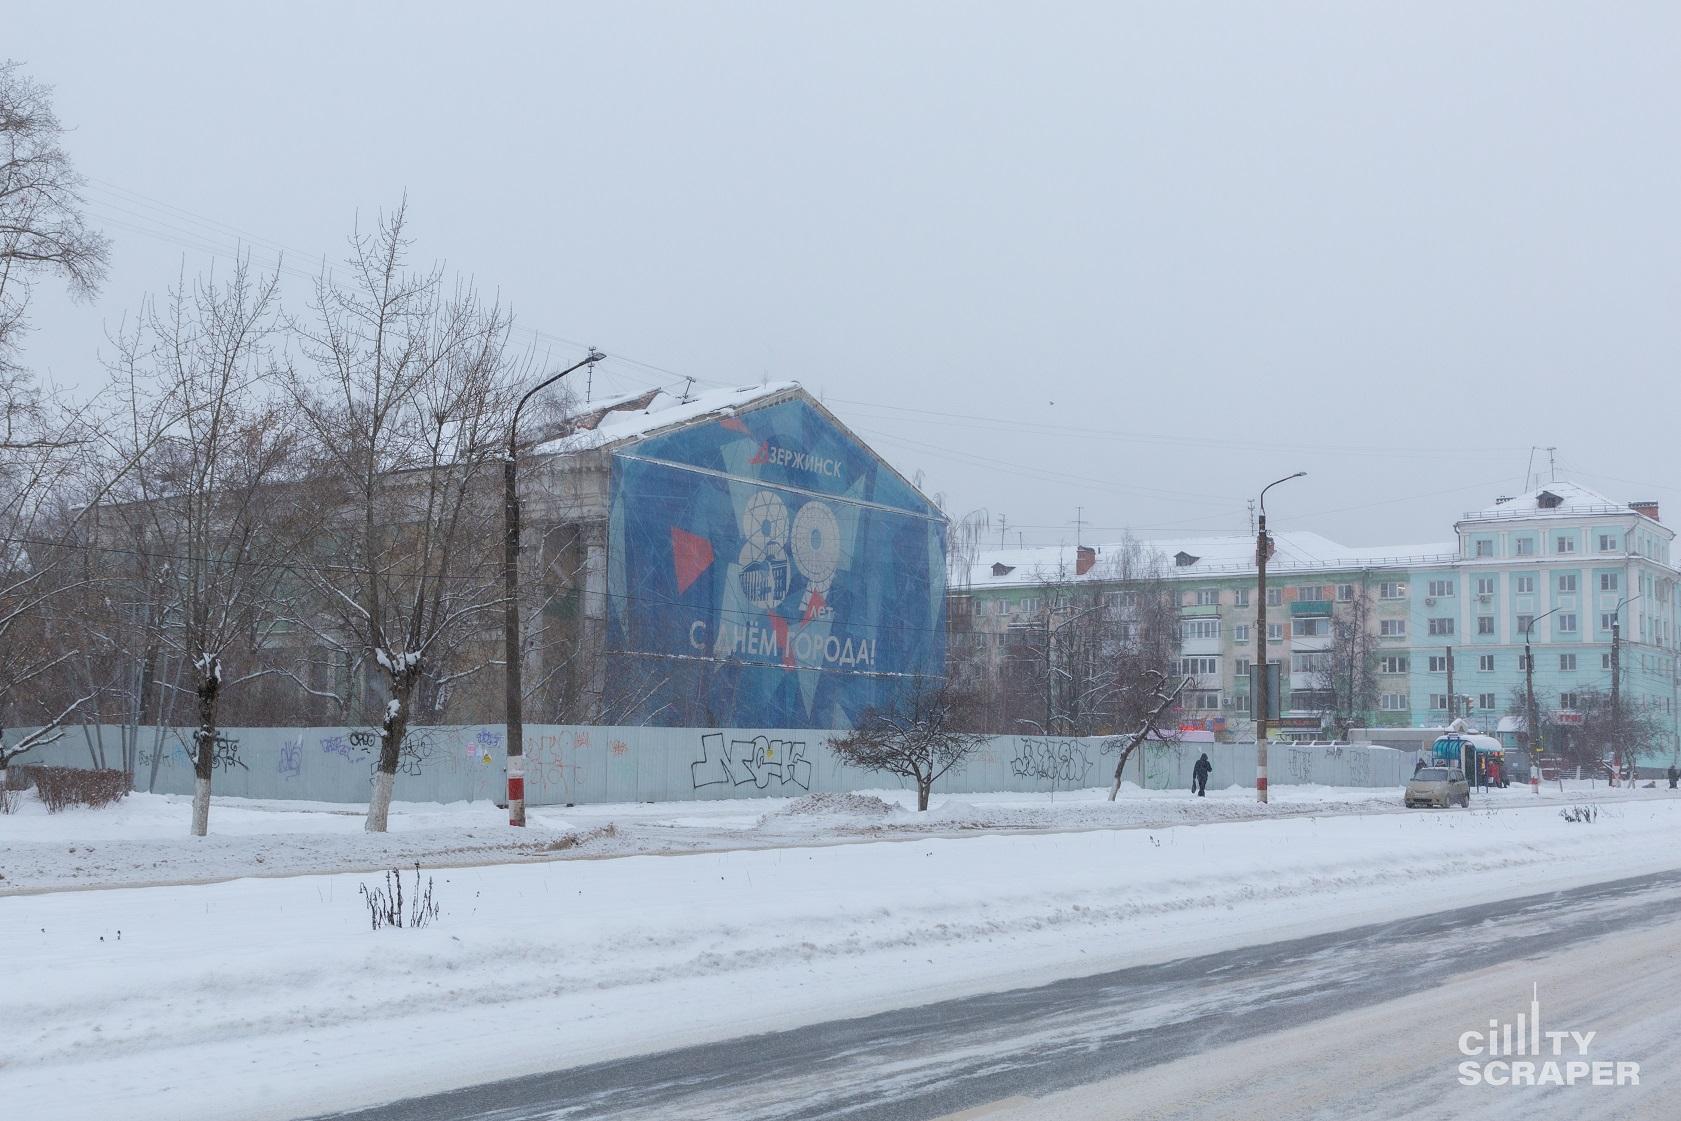 Зимний Дзержинск город, где закрыли два портала в ад